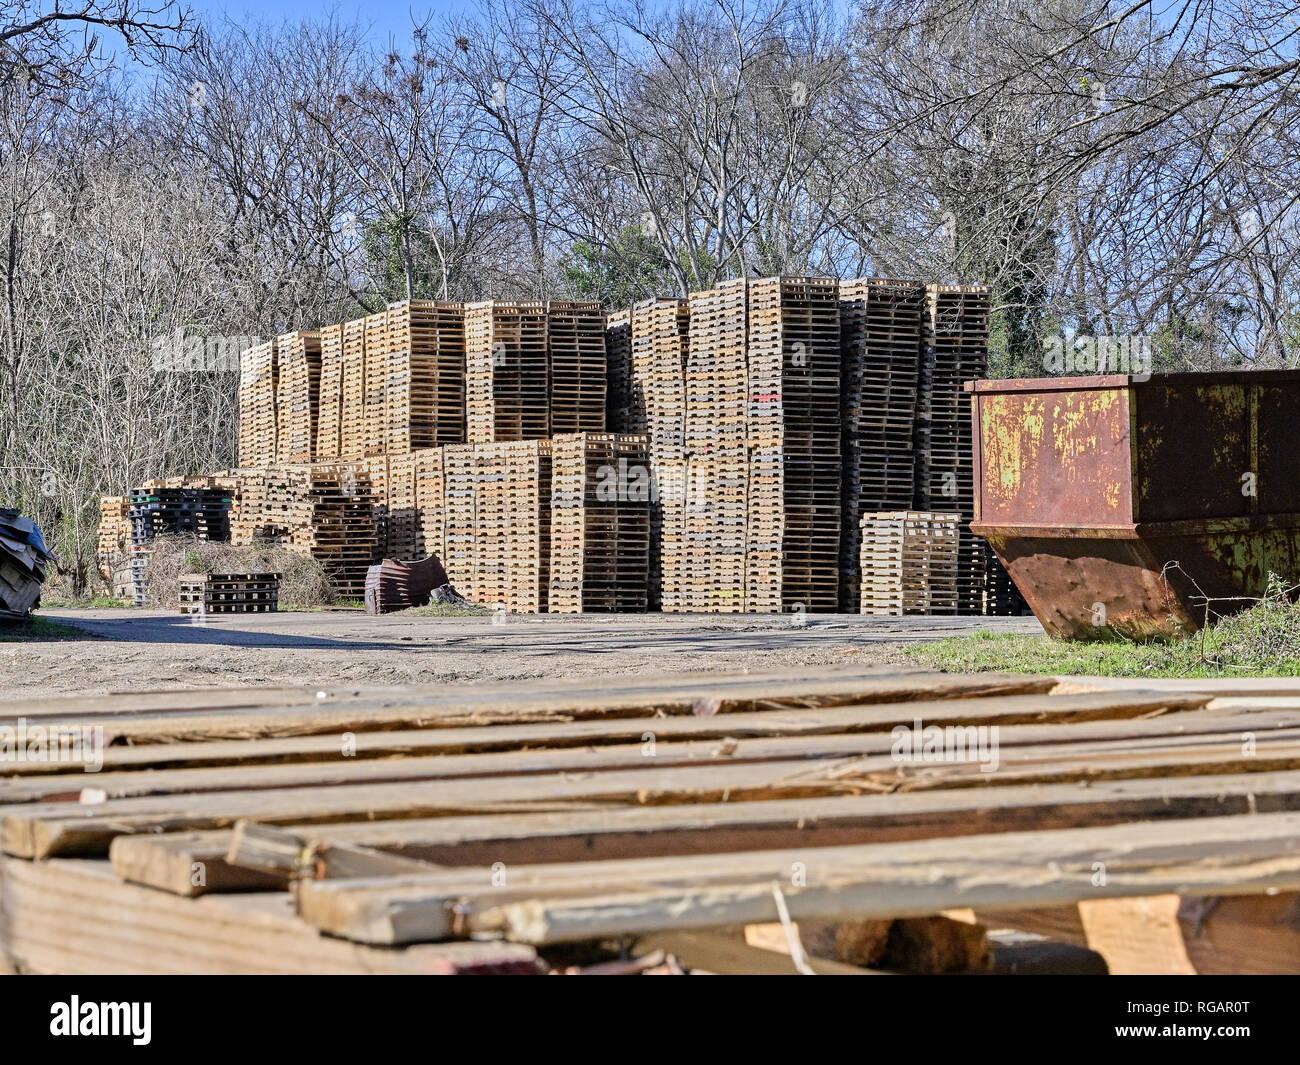 Klettergerüst Lagerhaus : Holzpaletten sind hoch gestapelt im lager warten auf den einsatz in